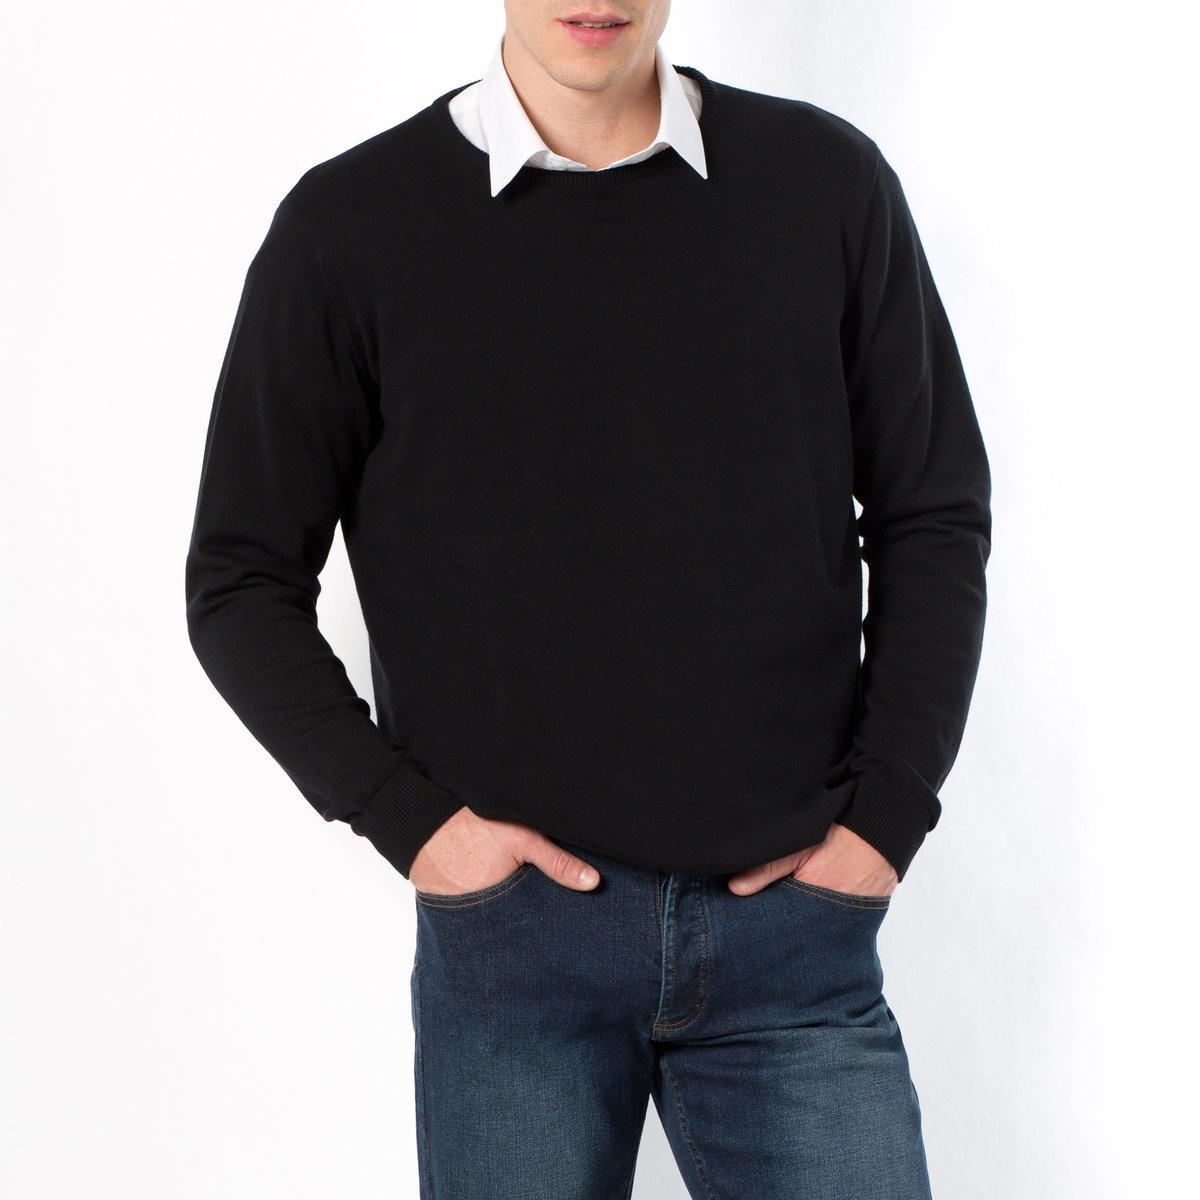 Пуловер с круглым вырезомПуловер с круглым вырезом. Длинные рукава. Края рукавов и низа связаны в рубчик. Пуловер с круглым вырезом из трикотажа мелкой вязки, 100% хлопок. - длина спереди : 73 см для размера 50/52 и 81 см для размера 82/84.- длина рукавов : 64,5 см.<br><br>Цвет: бордовый меланж,темно-синий,черный<br>Размер: 70/72.70/72.74/76.74/76.78/80.82/84.54/56.62/64.70/72.74/76.66/68.62/64